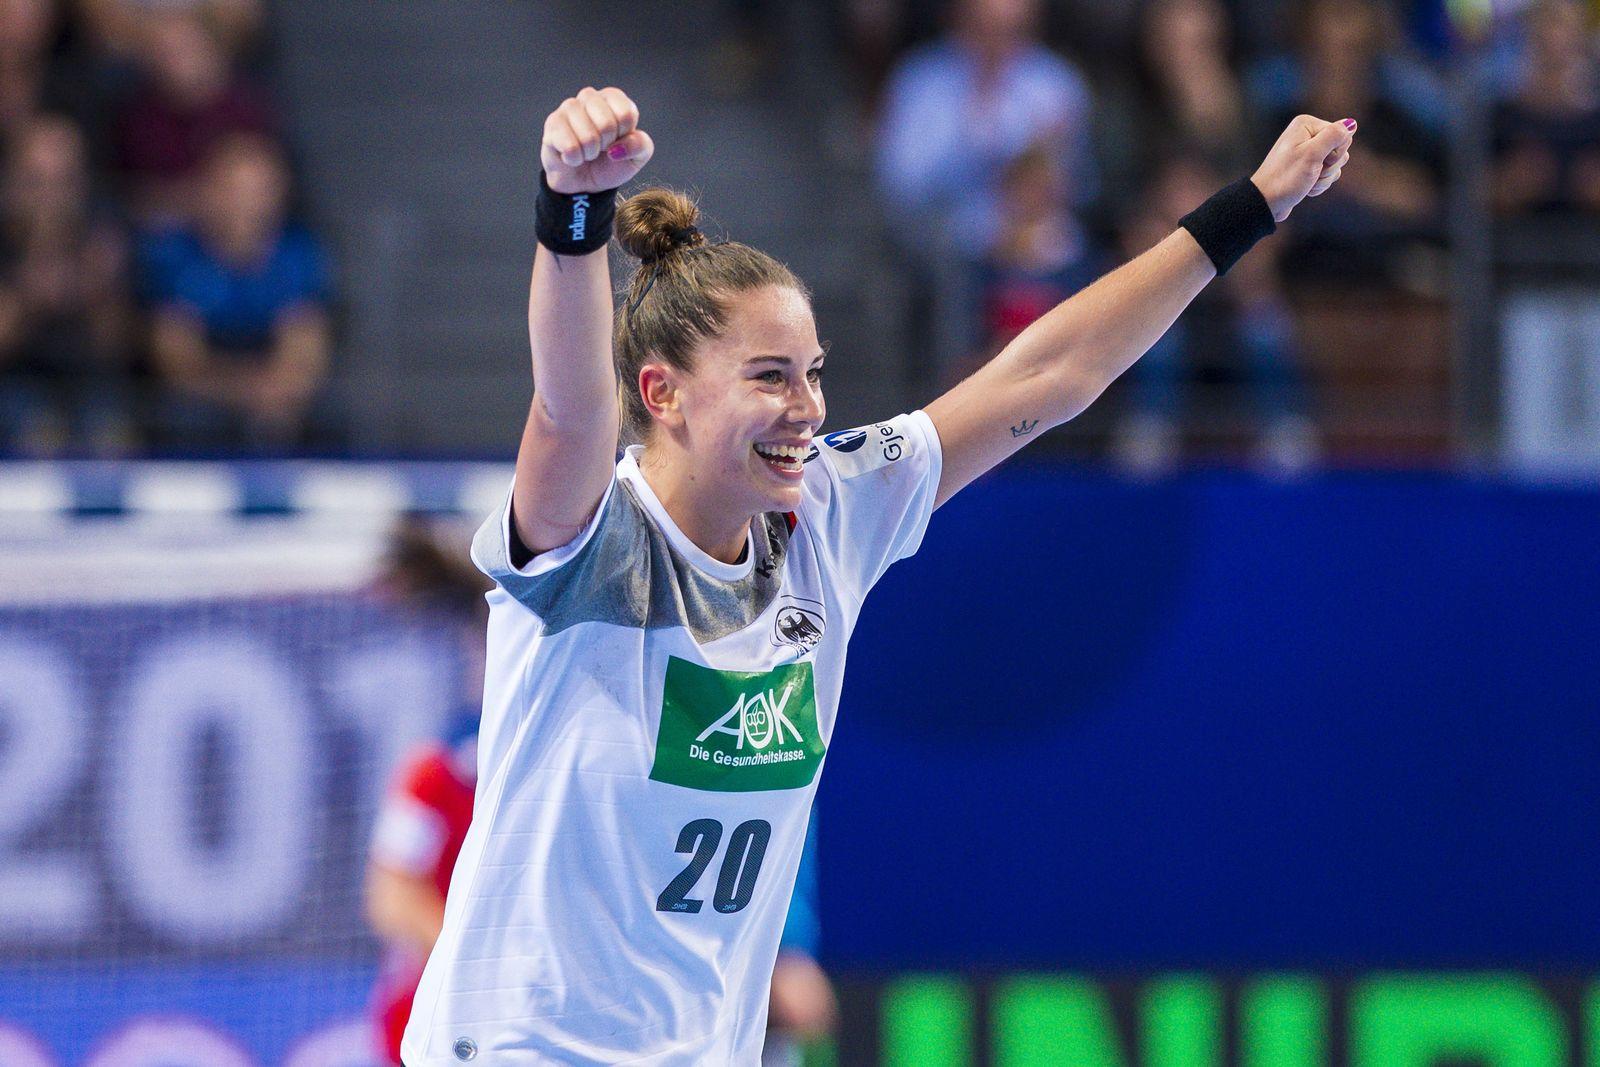 Handball Wm Der Frauen 2019 Spielplan Ergebnisse